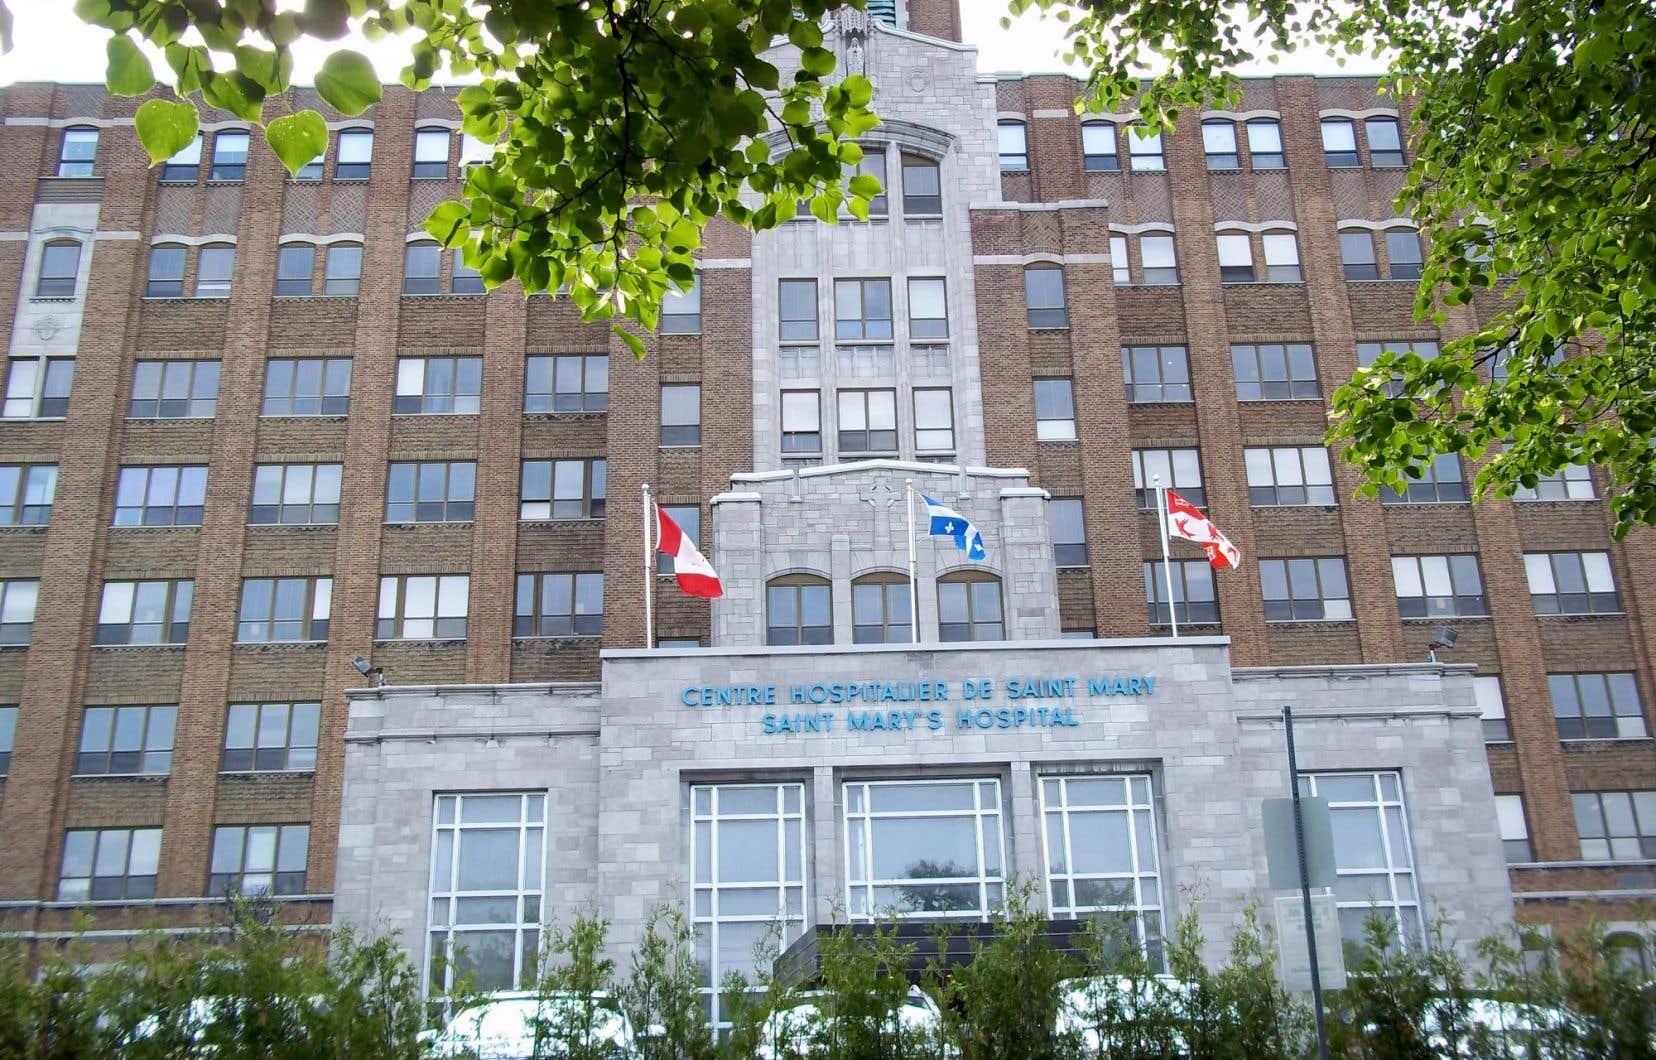 Mark Blandford, considéré comme un pionnier de la télévision au pays, s'était rendu par lui-même à l'urgence de l'hôpital St. Mary pour des douleurs abdominales, le 2novembre 2015.